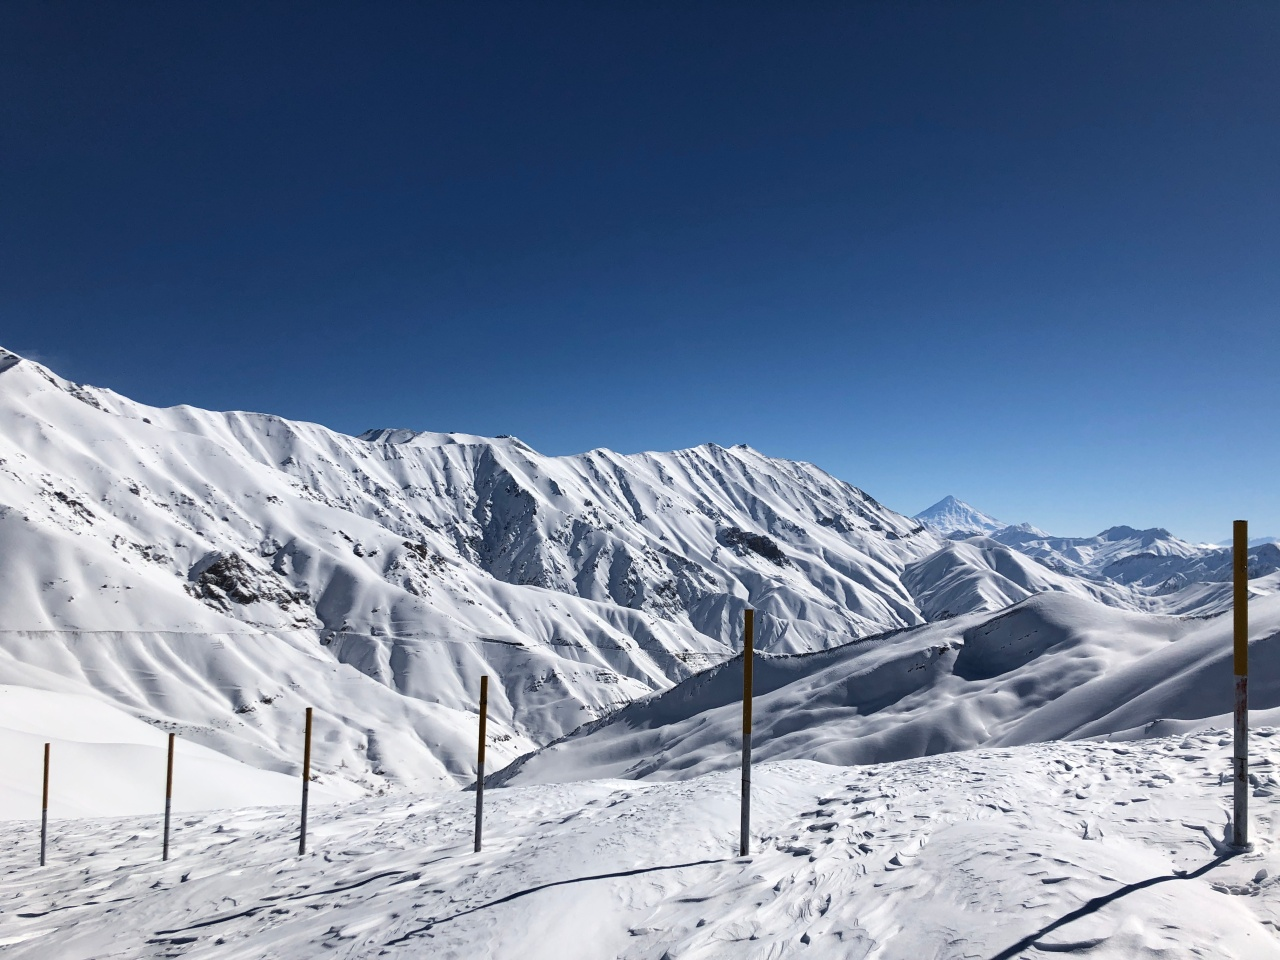 8_Damavand je s 5610 m najvišja gora v Iranu. In najvišji ognjenik v Aziji.